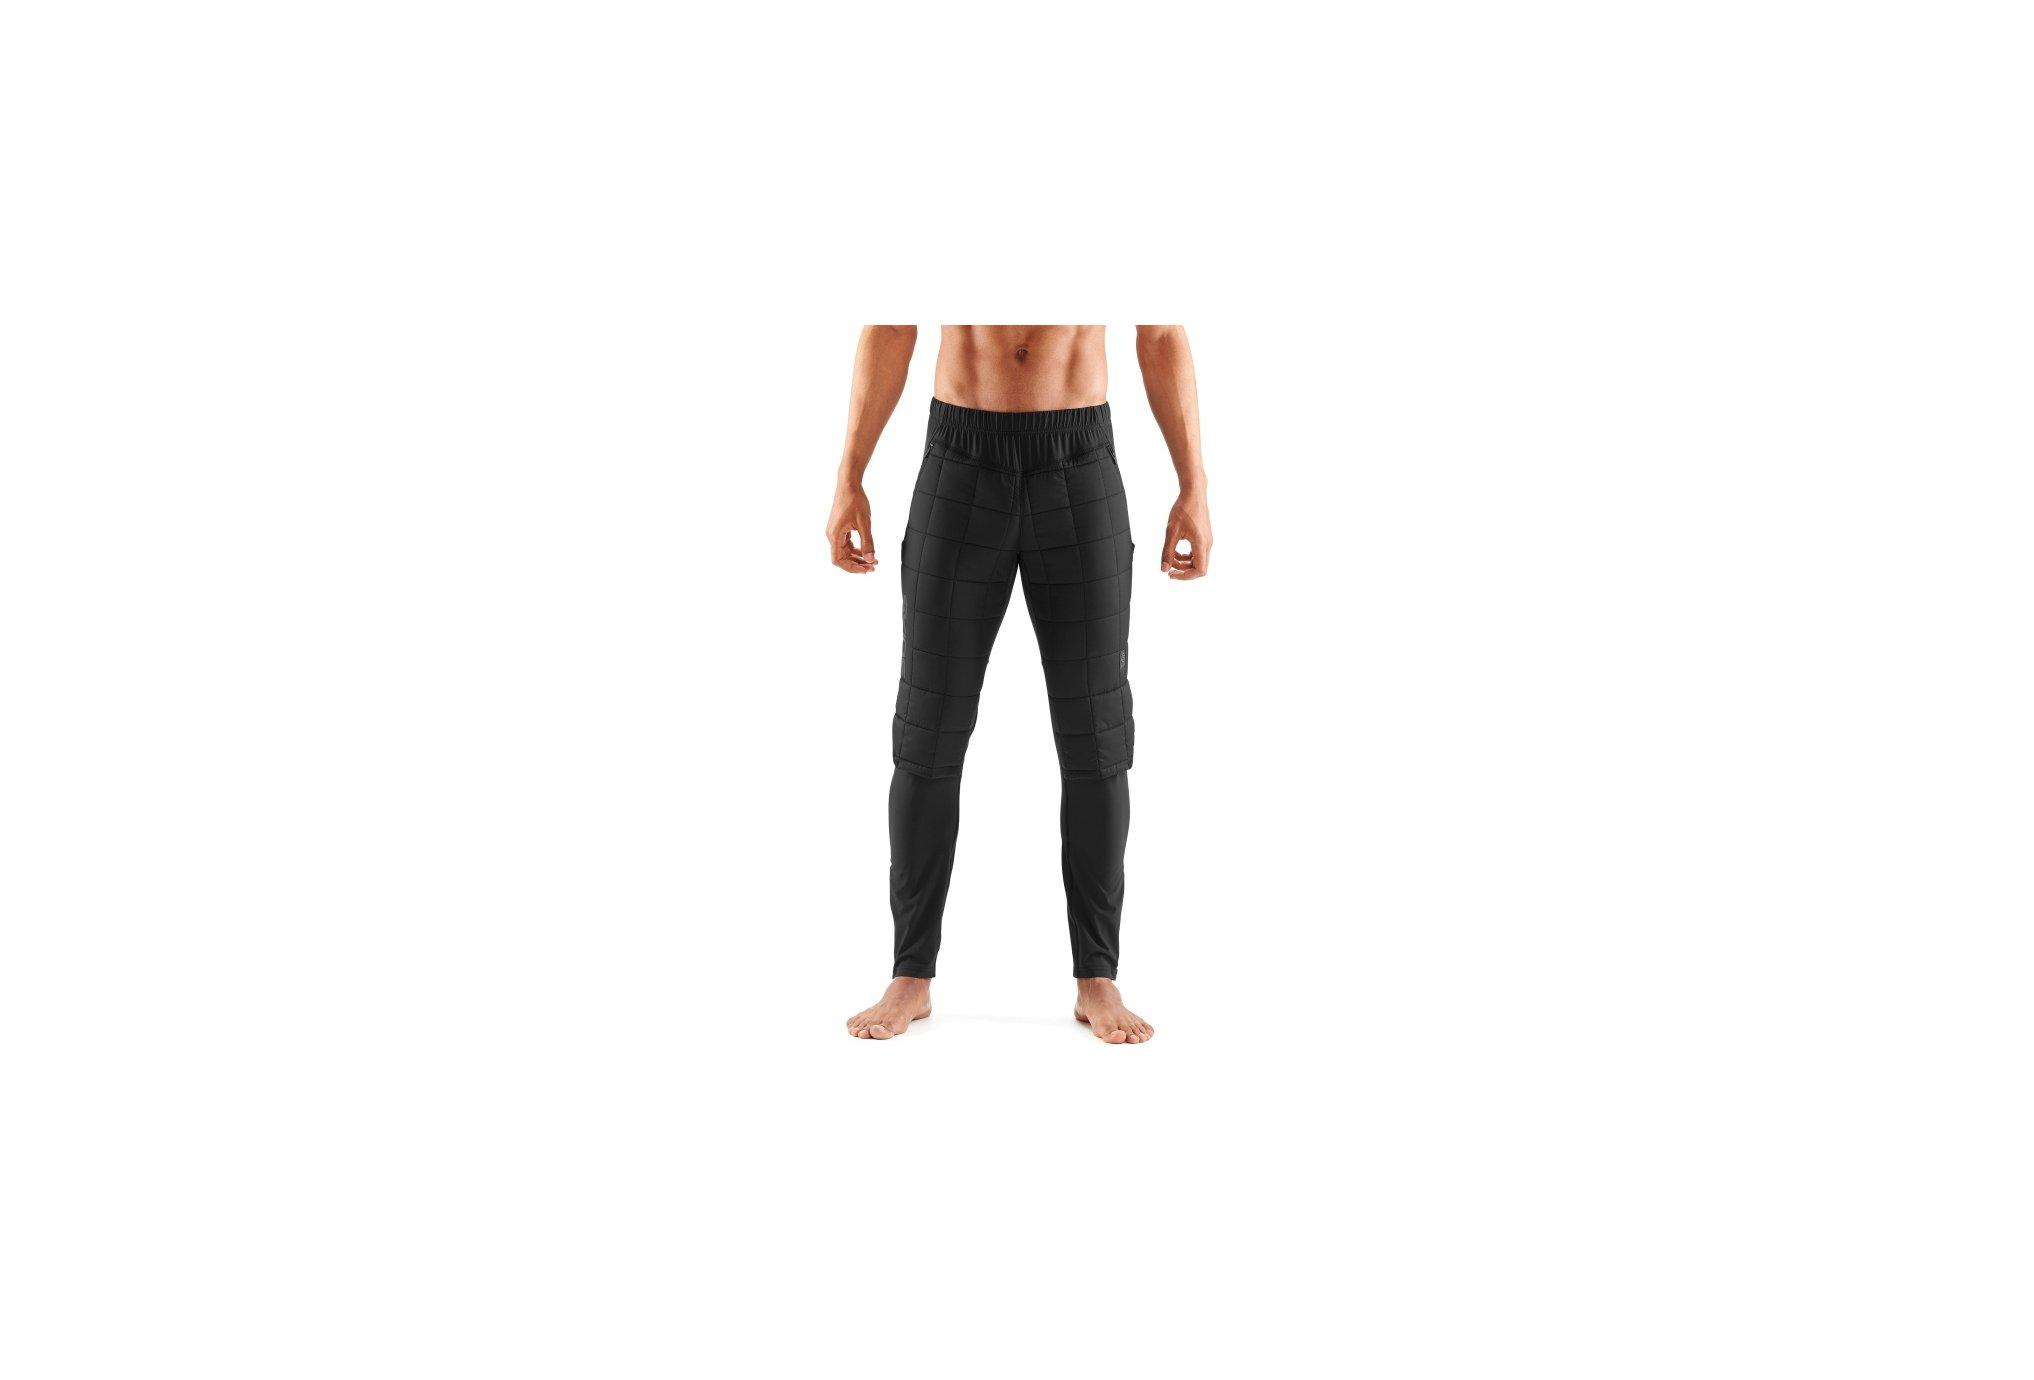 Skins Activewear Jedeye Training M Diététique Vêtements homme